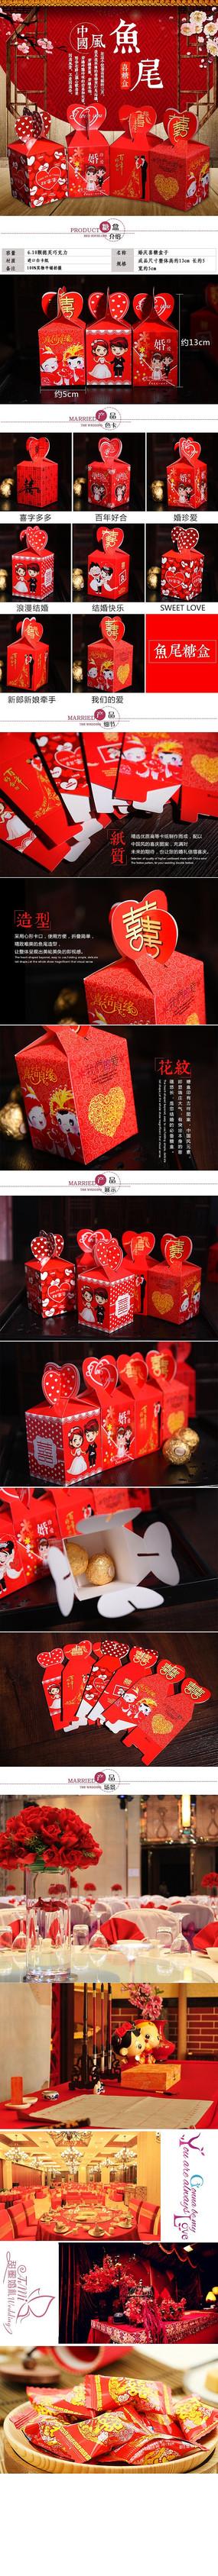 婚庆中式鱼尾喜糖盒详情页